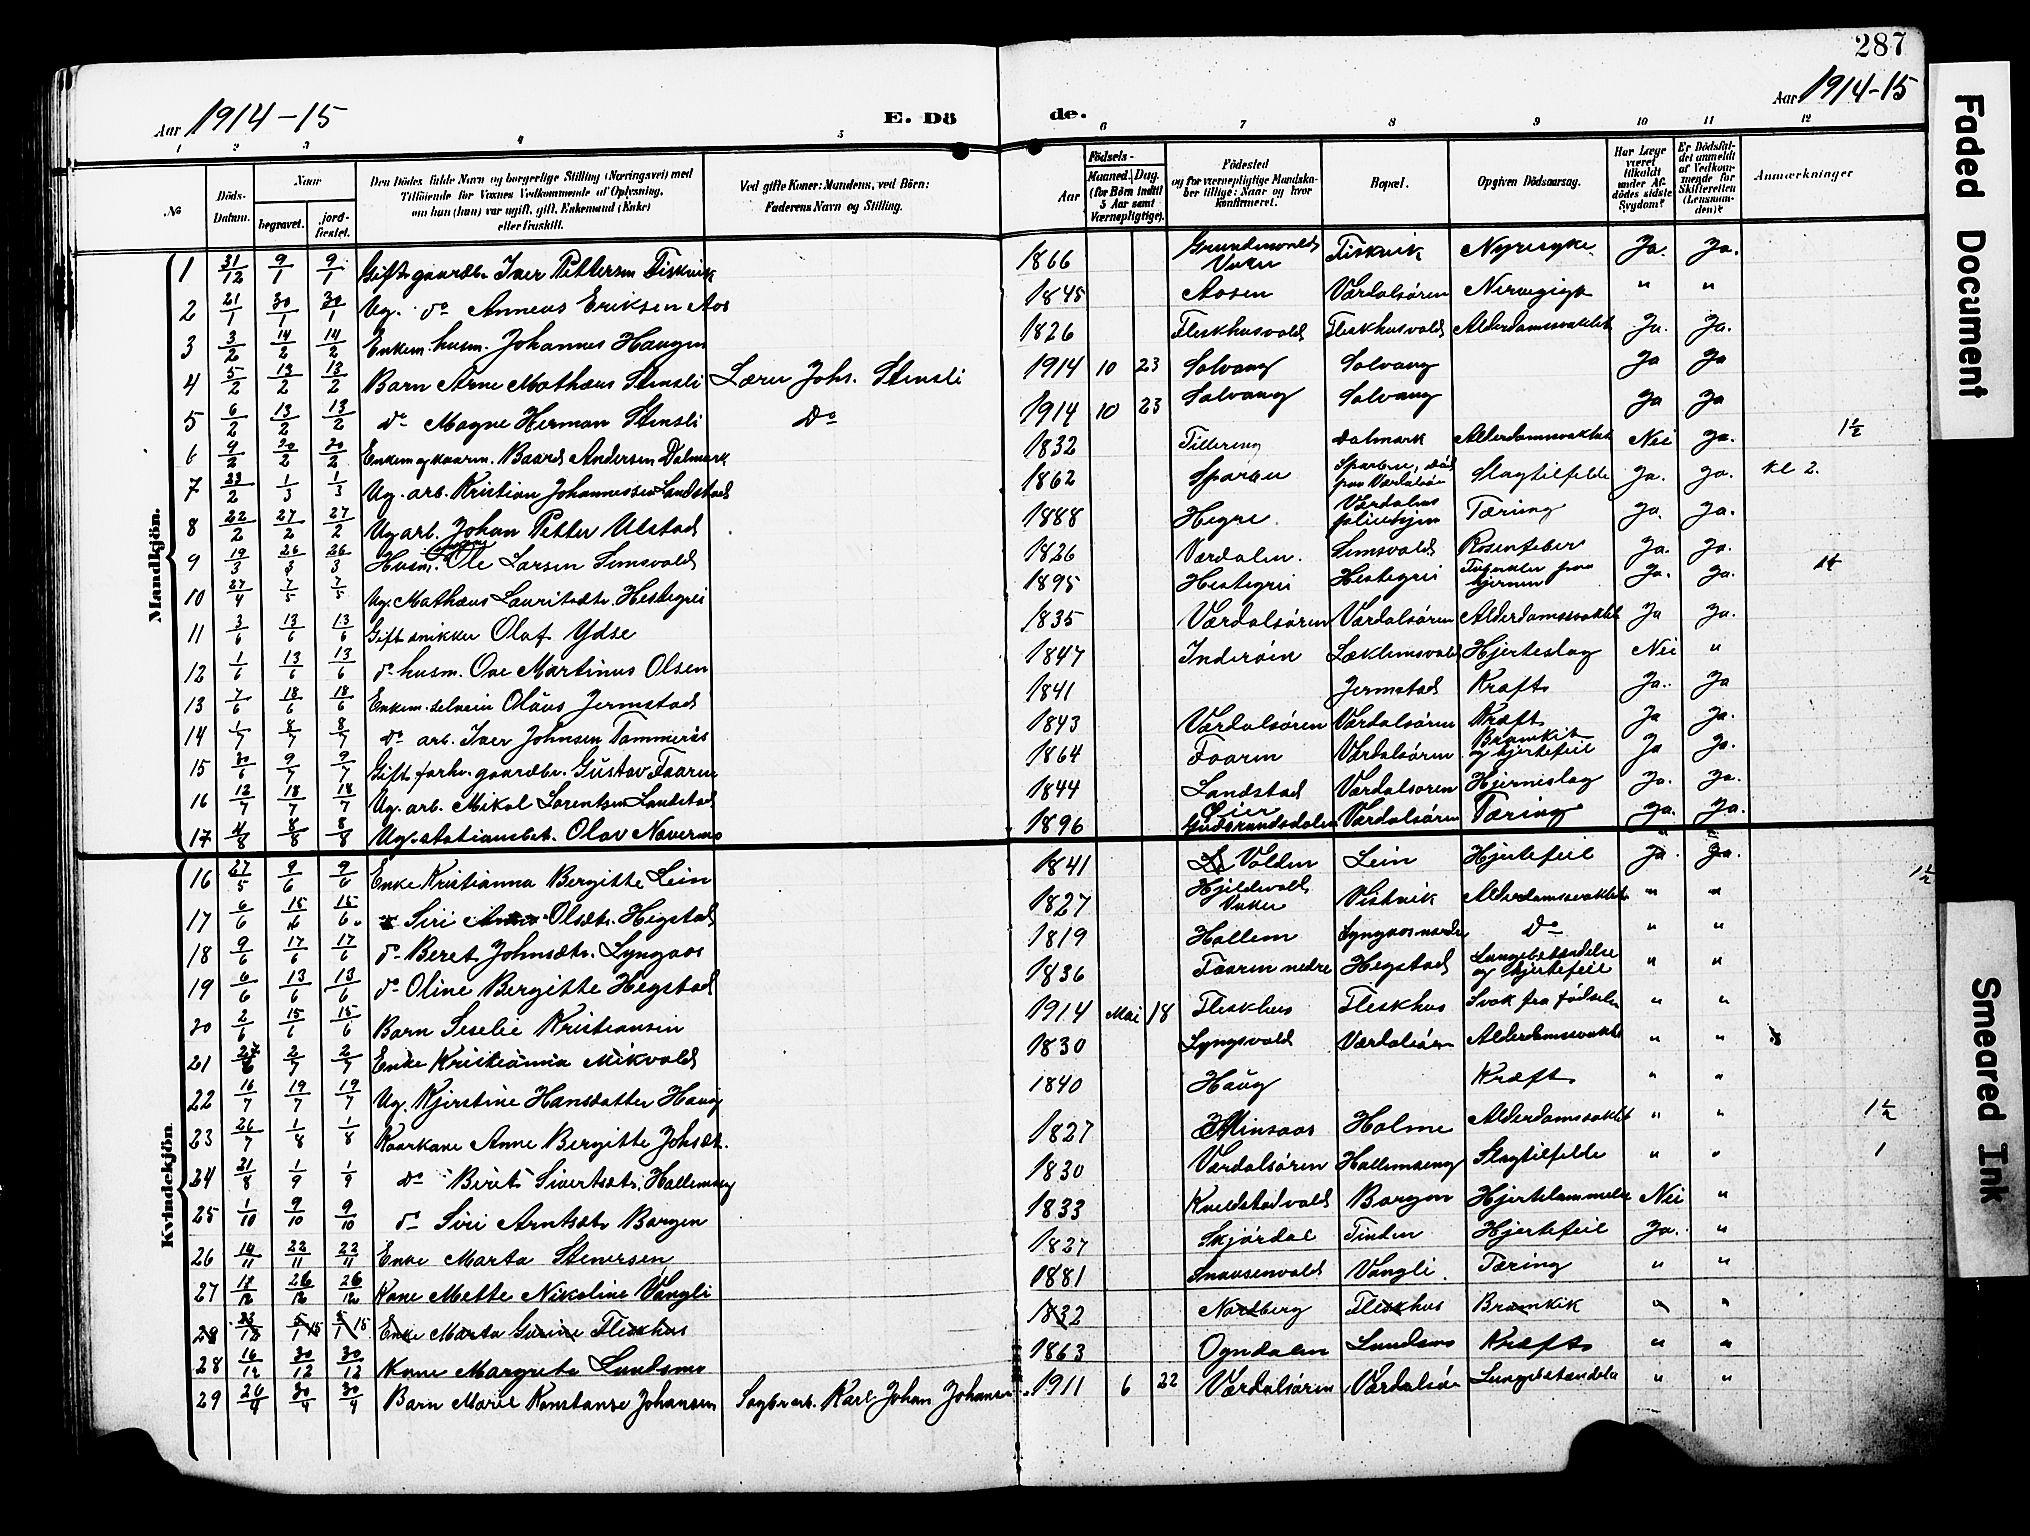 SAT, Ministerialprotokoller, klokkerbøker og fødselsregistre - Nord-Trøndelag, 723/L0258: Klokkerbok nr. 723C06, 1908-1927, s. 287